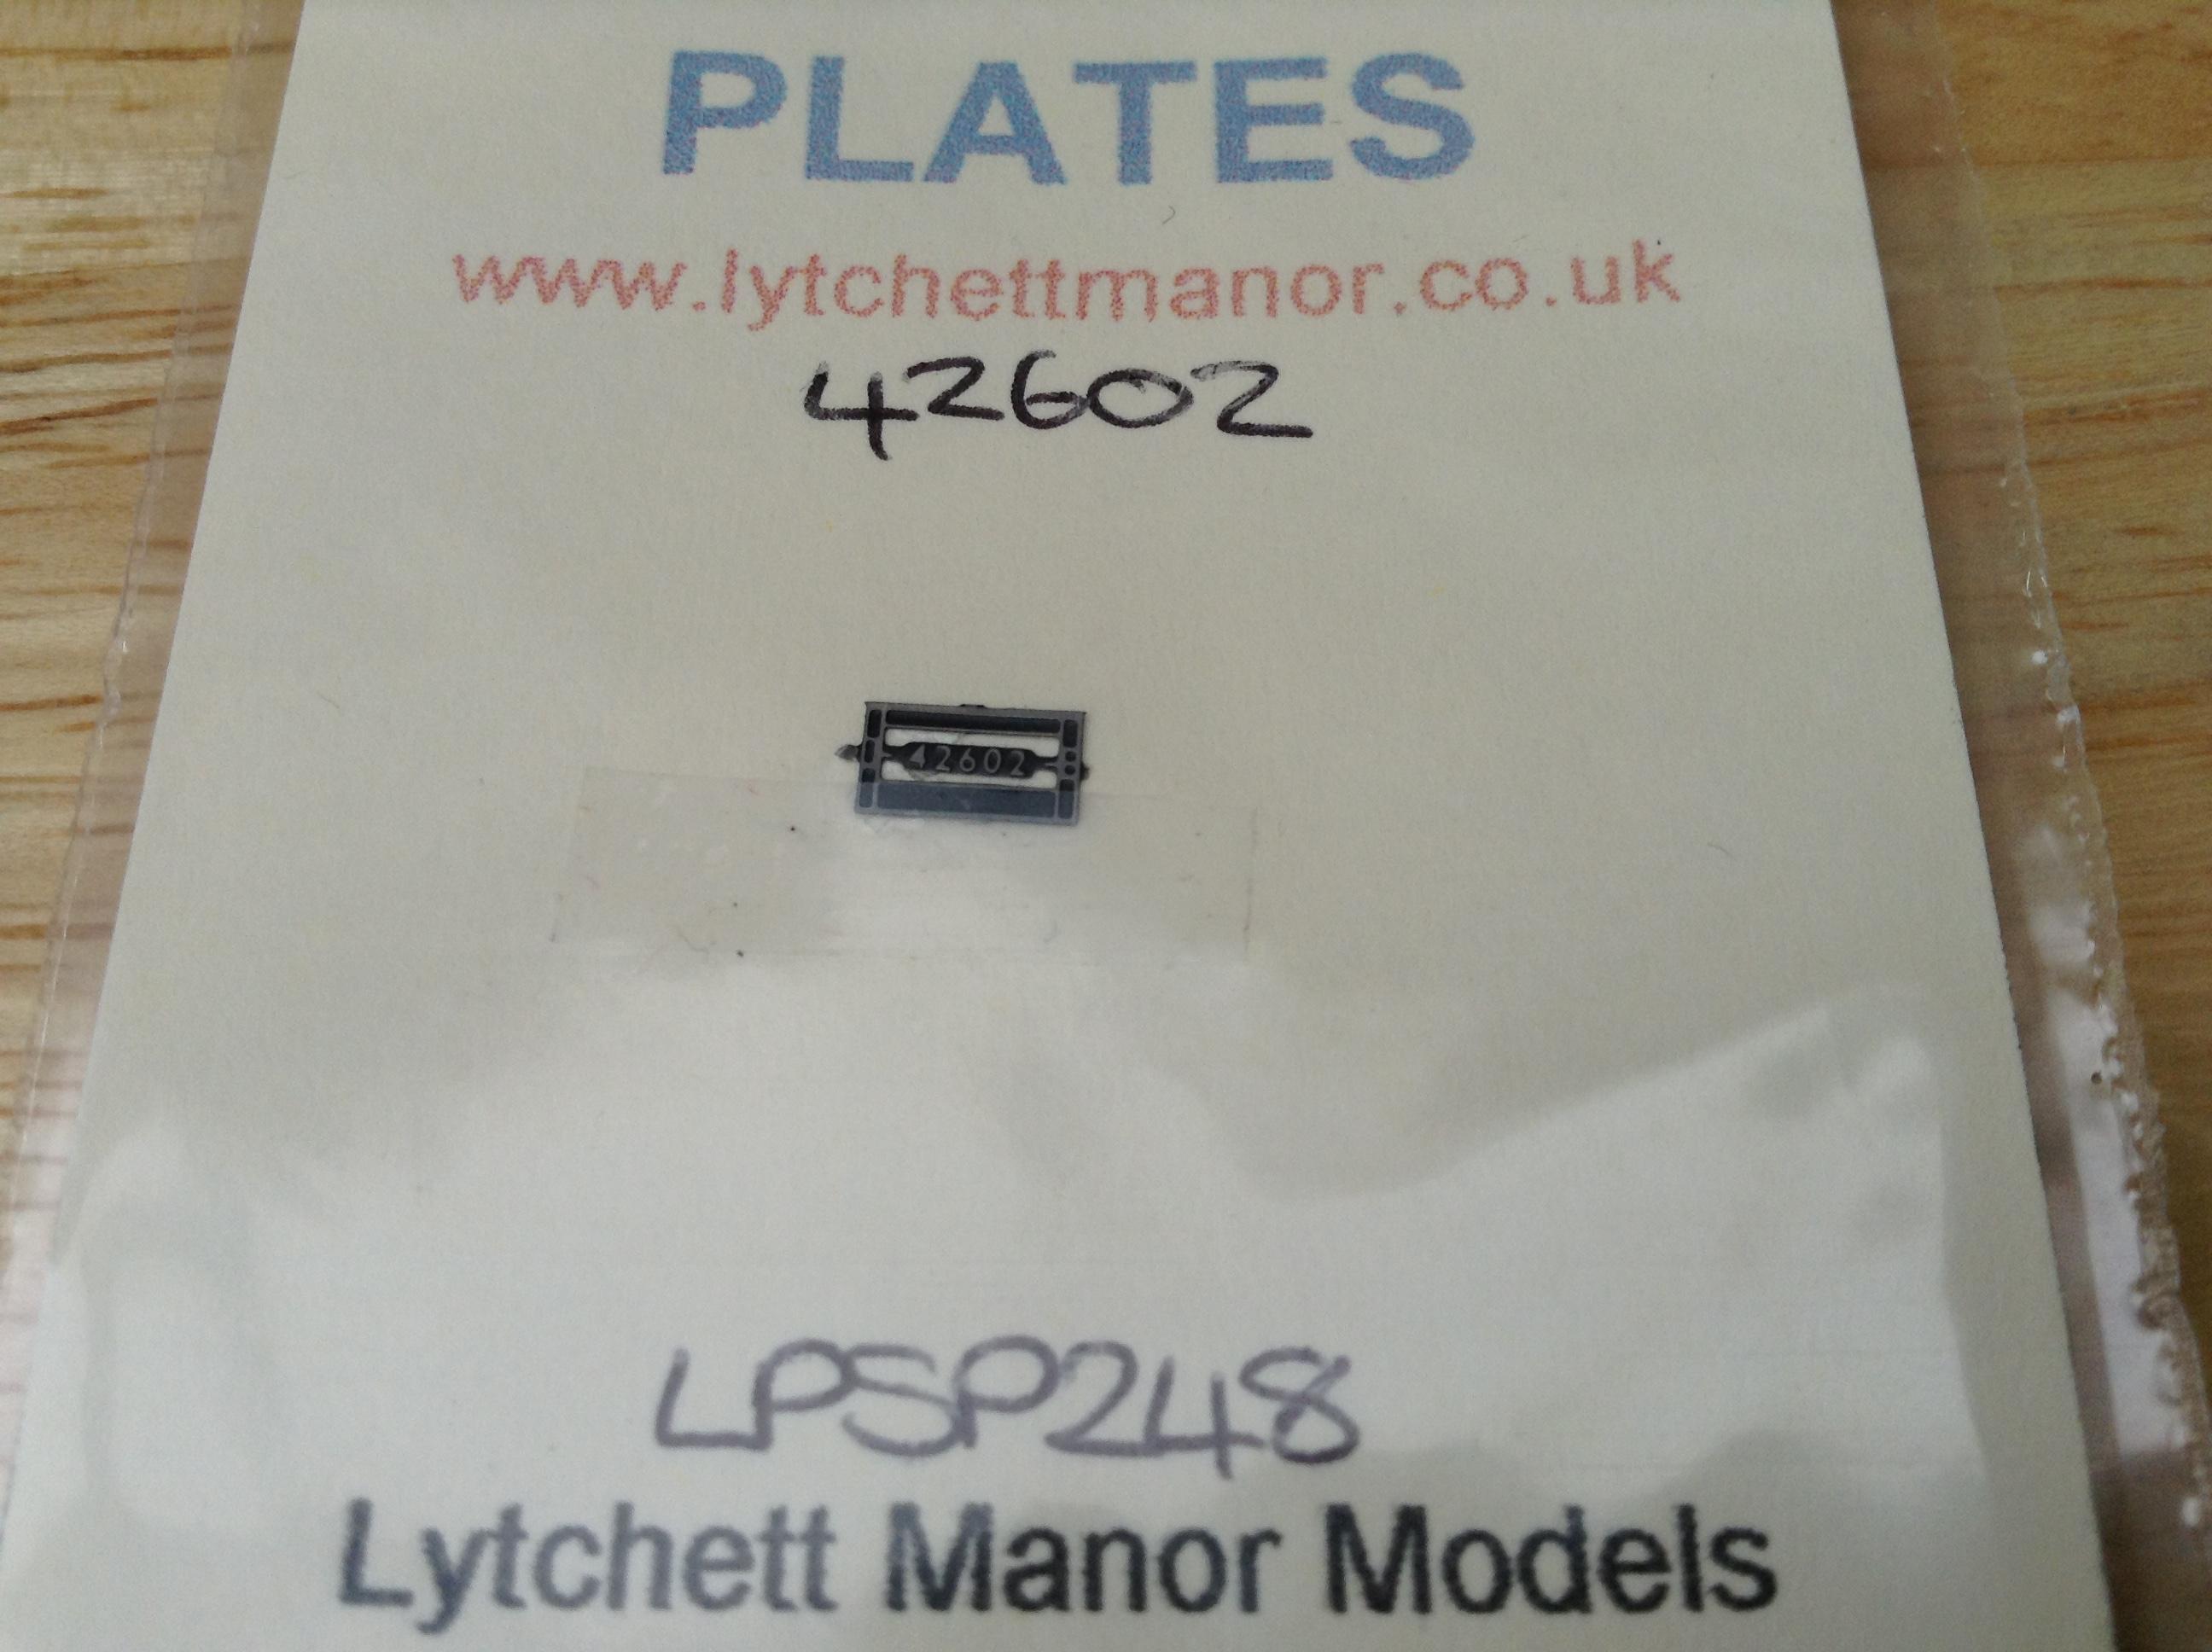 LPSP248 - 42602